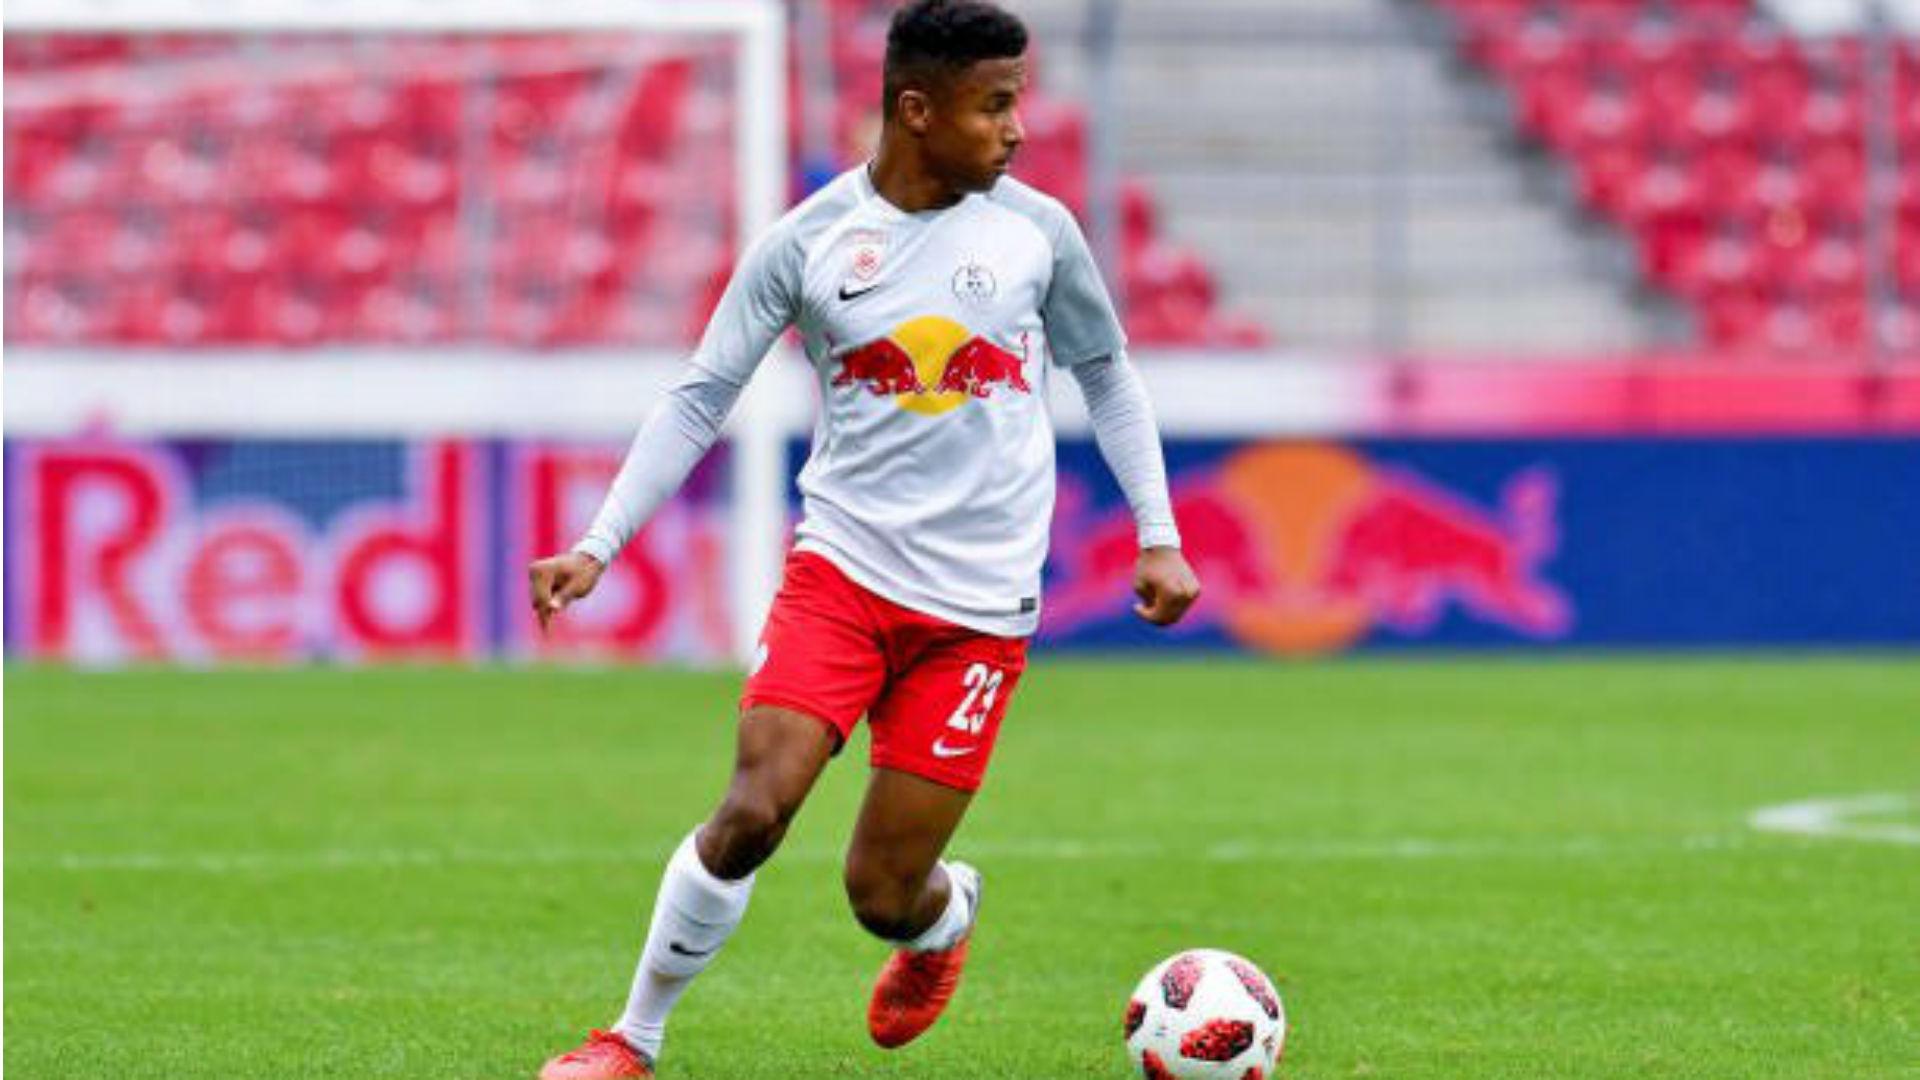 Adeyemi bags brace as 10-man FC Wacker Innsbruck hold FC Liefering